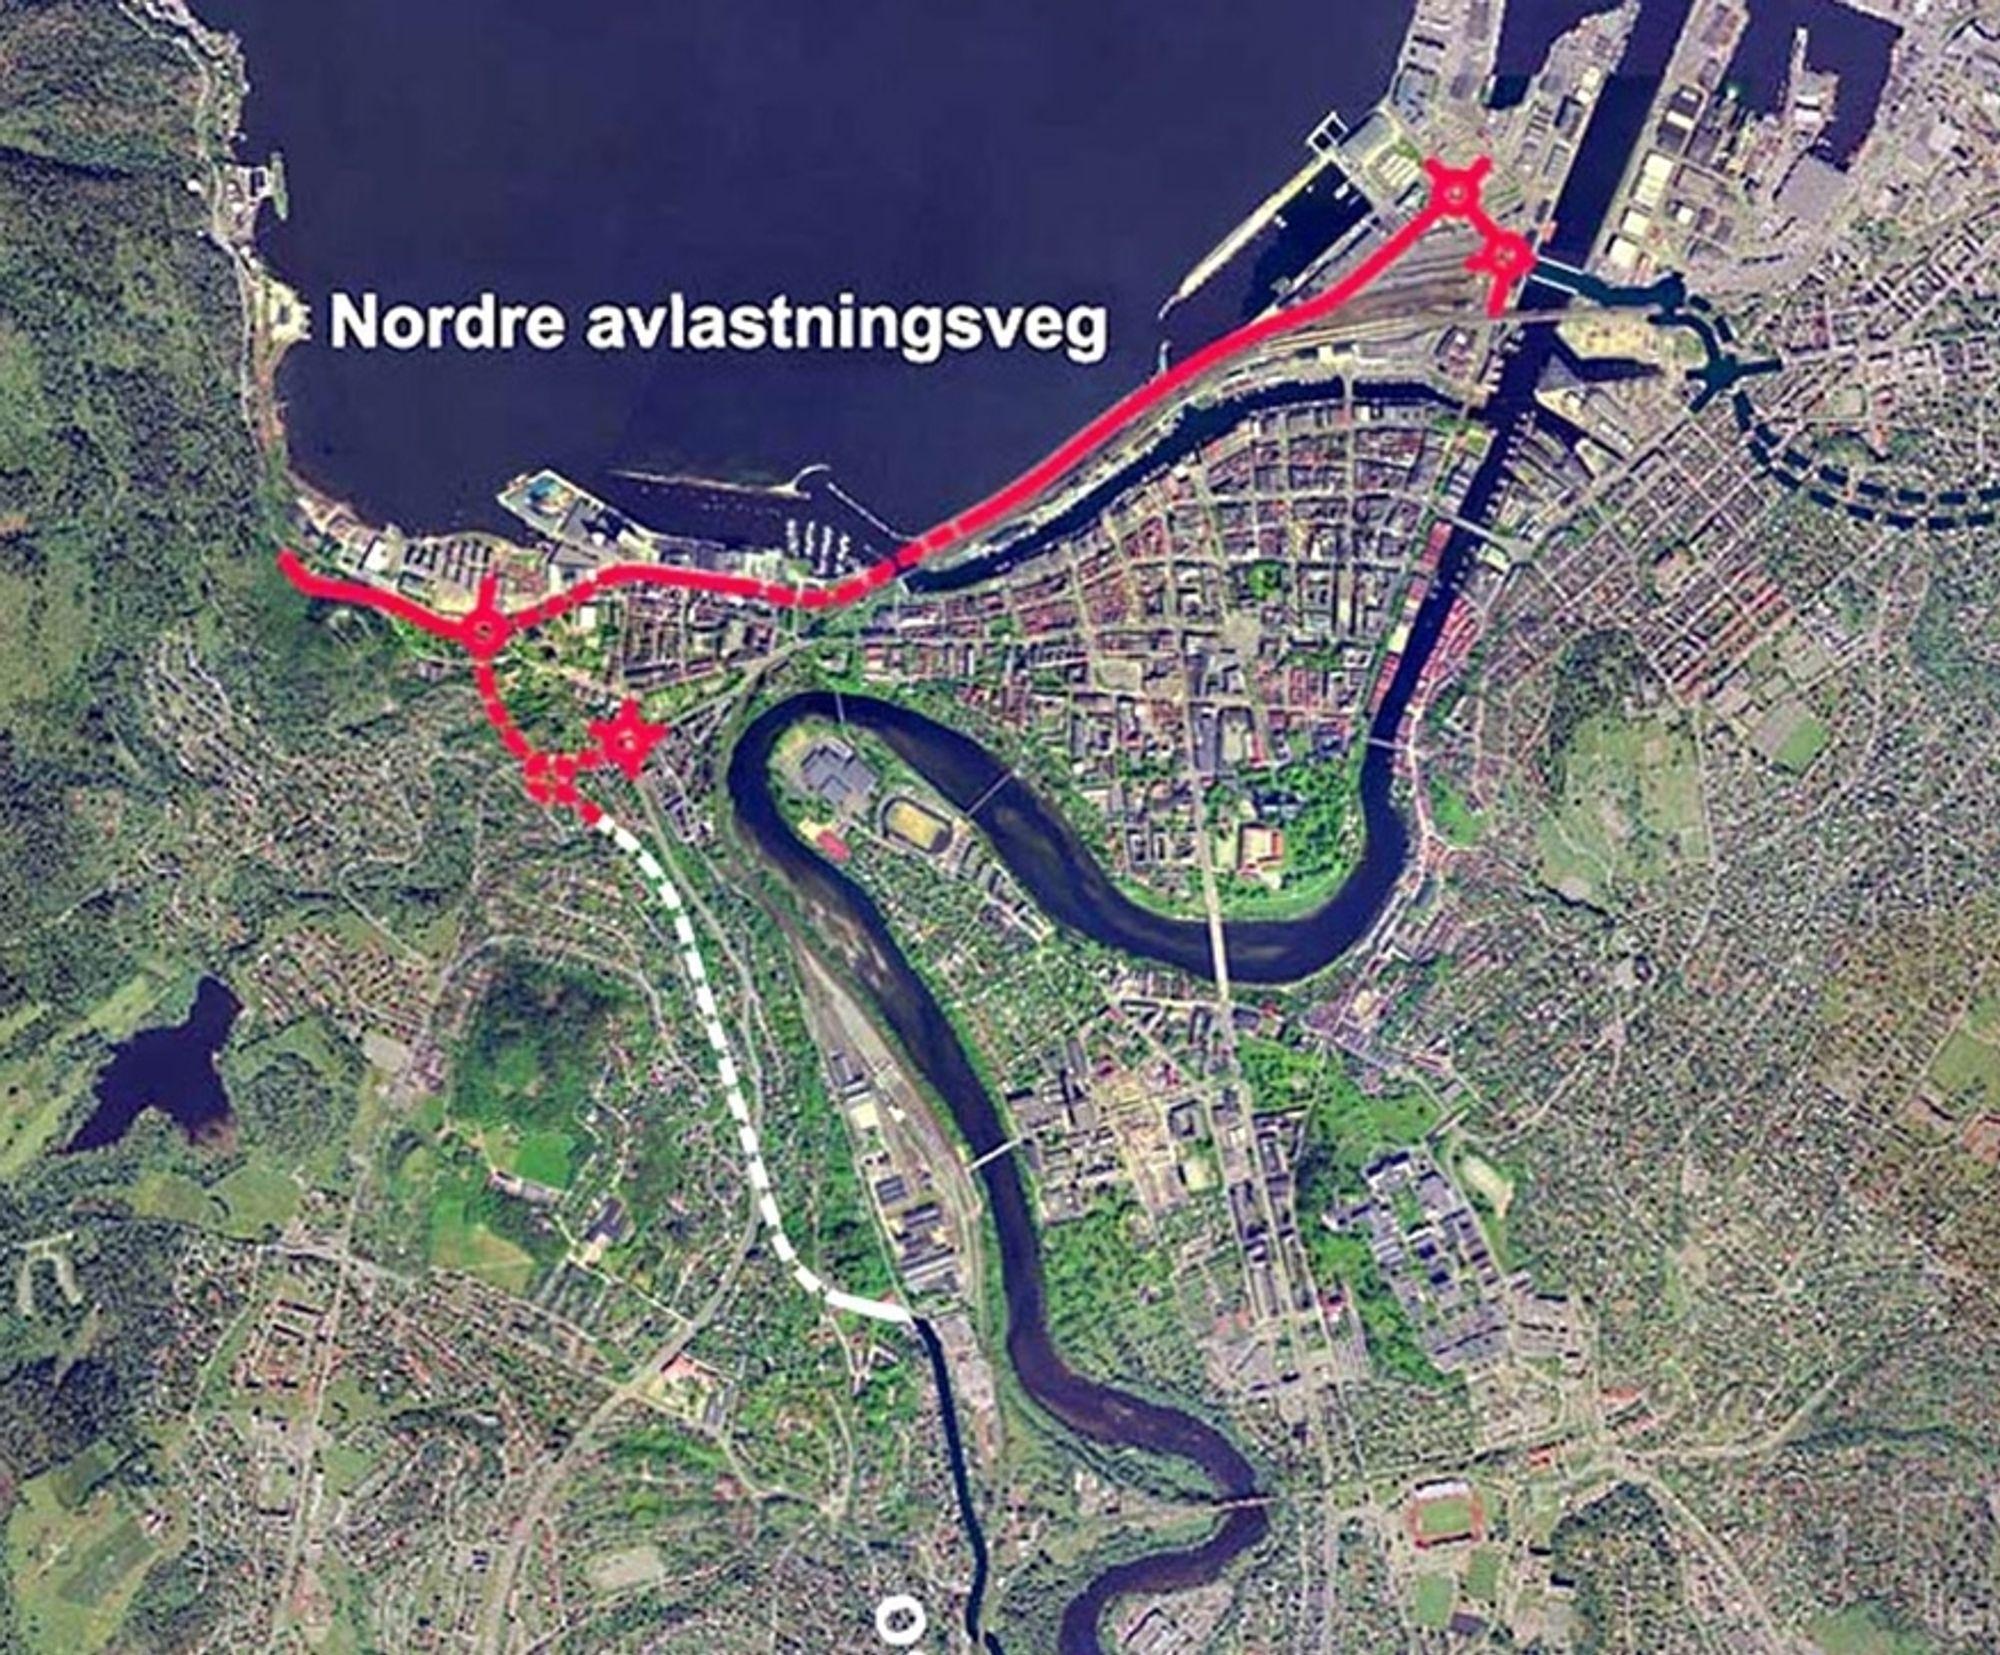 Den stiplete røde linjen til venstre med to rundkjøringer like ved siden av hverandre markerer den delen av Marienborgtunnelen som ble åpnet 15. mars. Den hvite linjen markerer den delen som åpnes om to år. (Ill: Statens vegvesen)